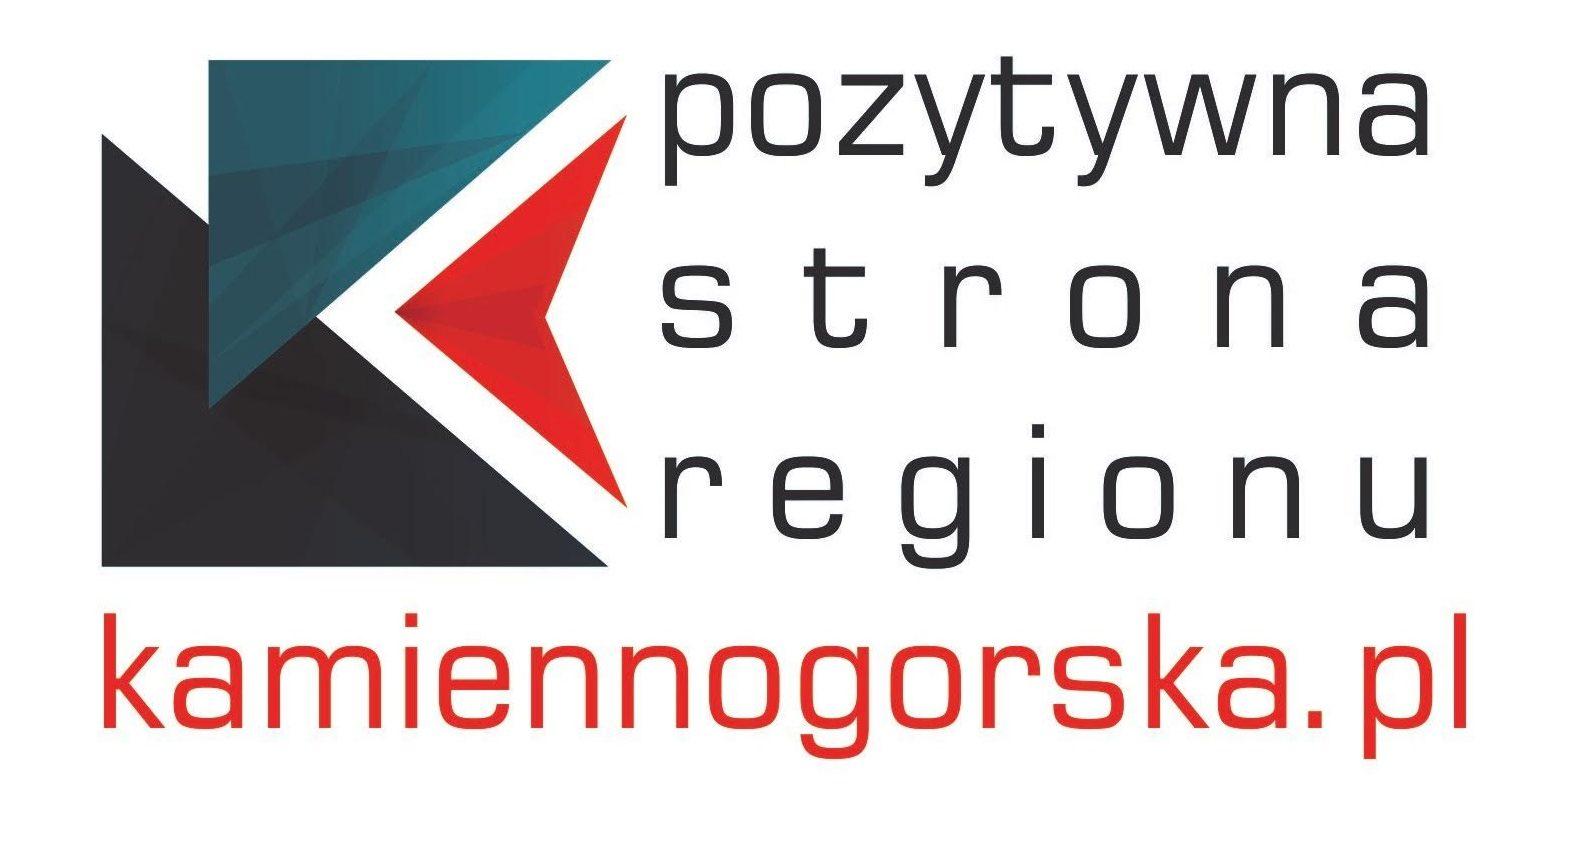 kamiennogorska.pl – pozytywna strona regionu